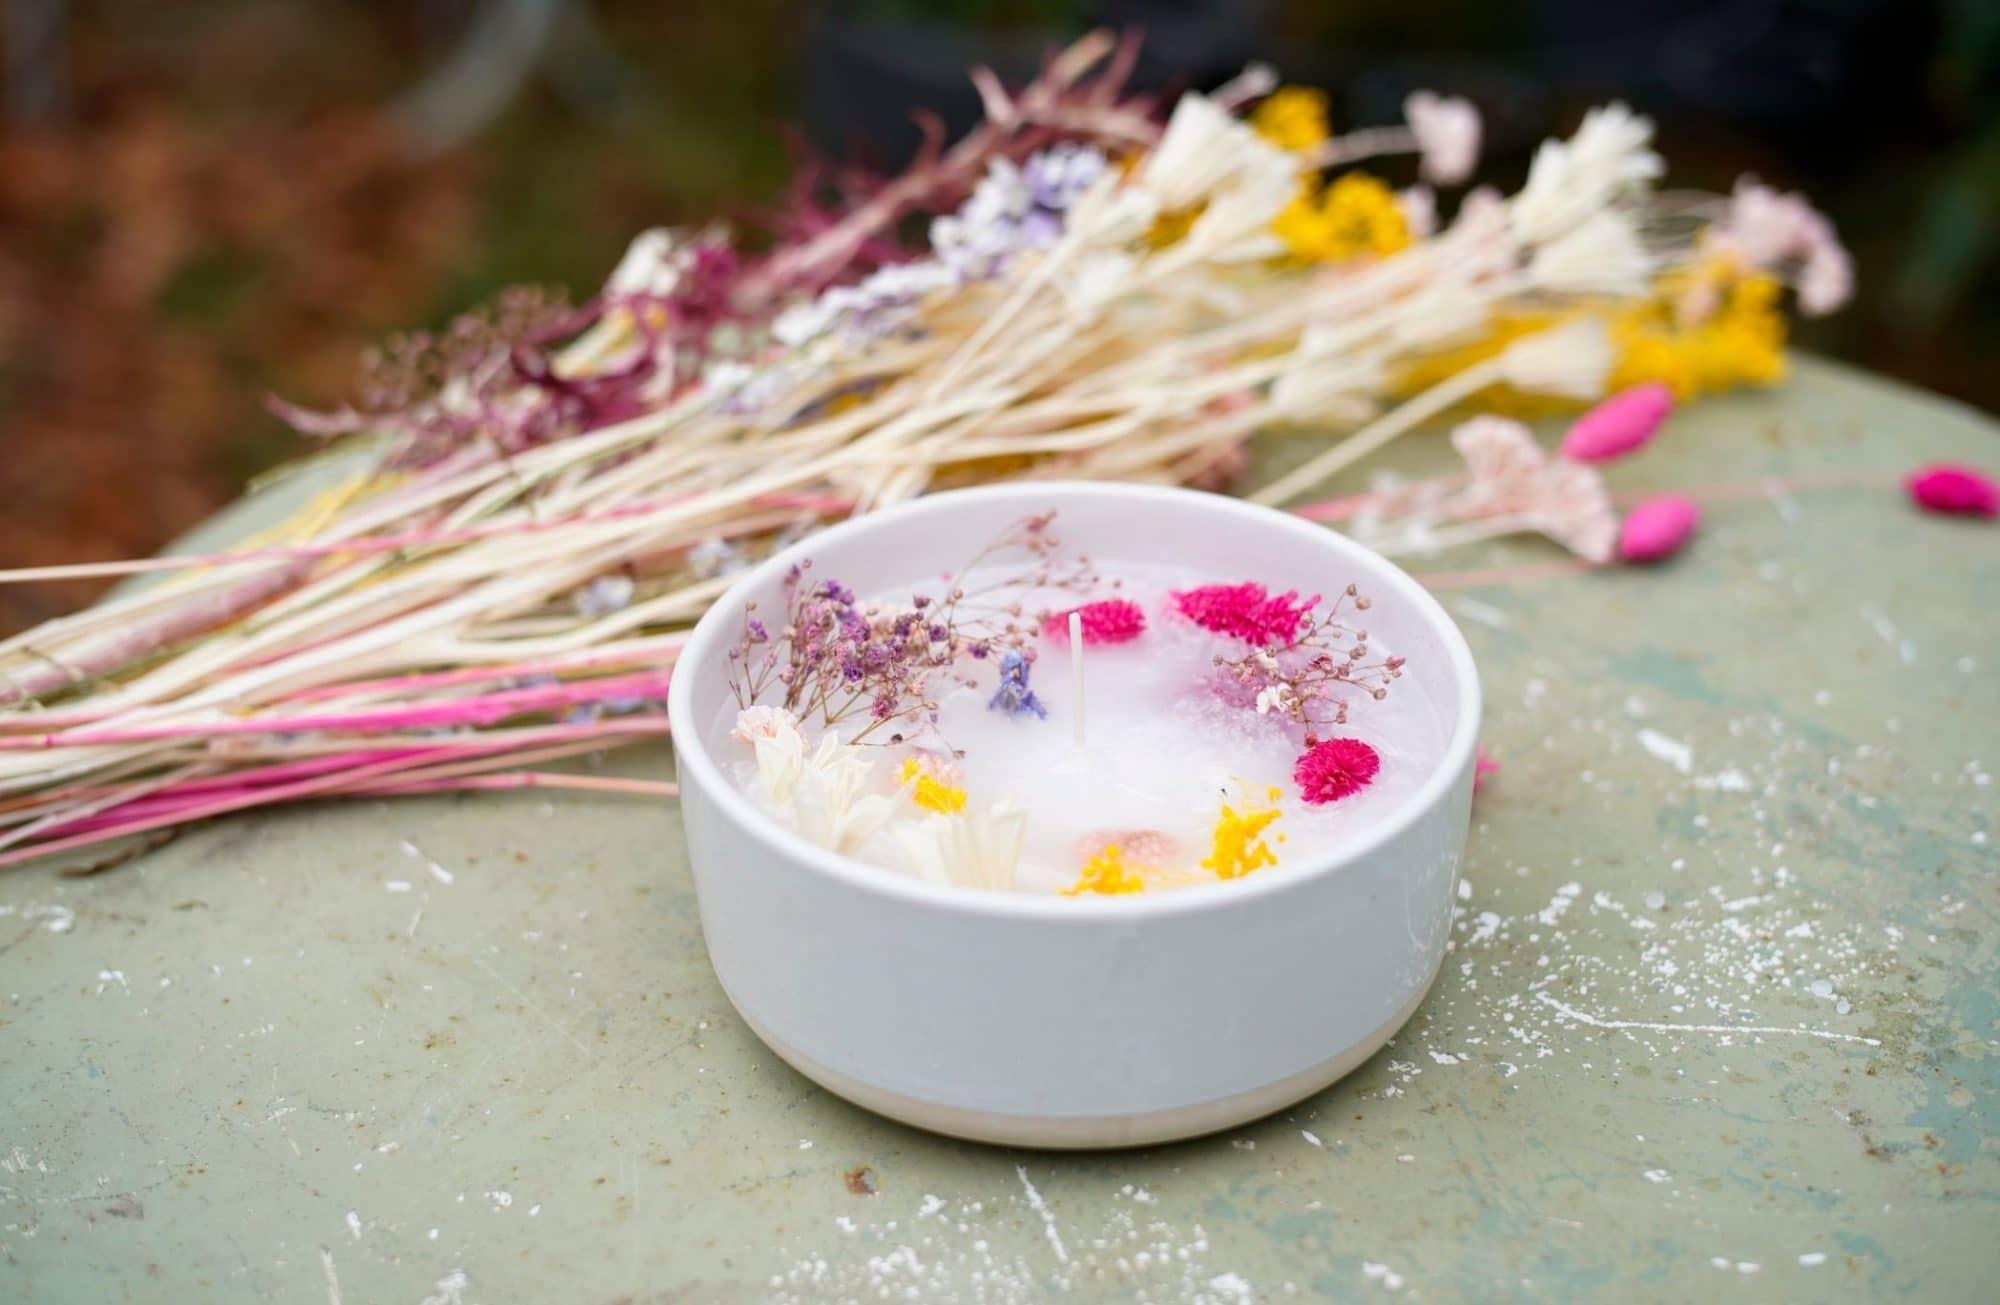 Réaliser des bougies avec des fleurs séchées